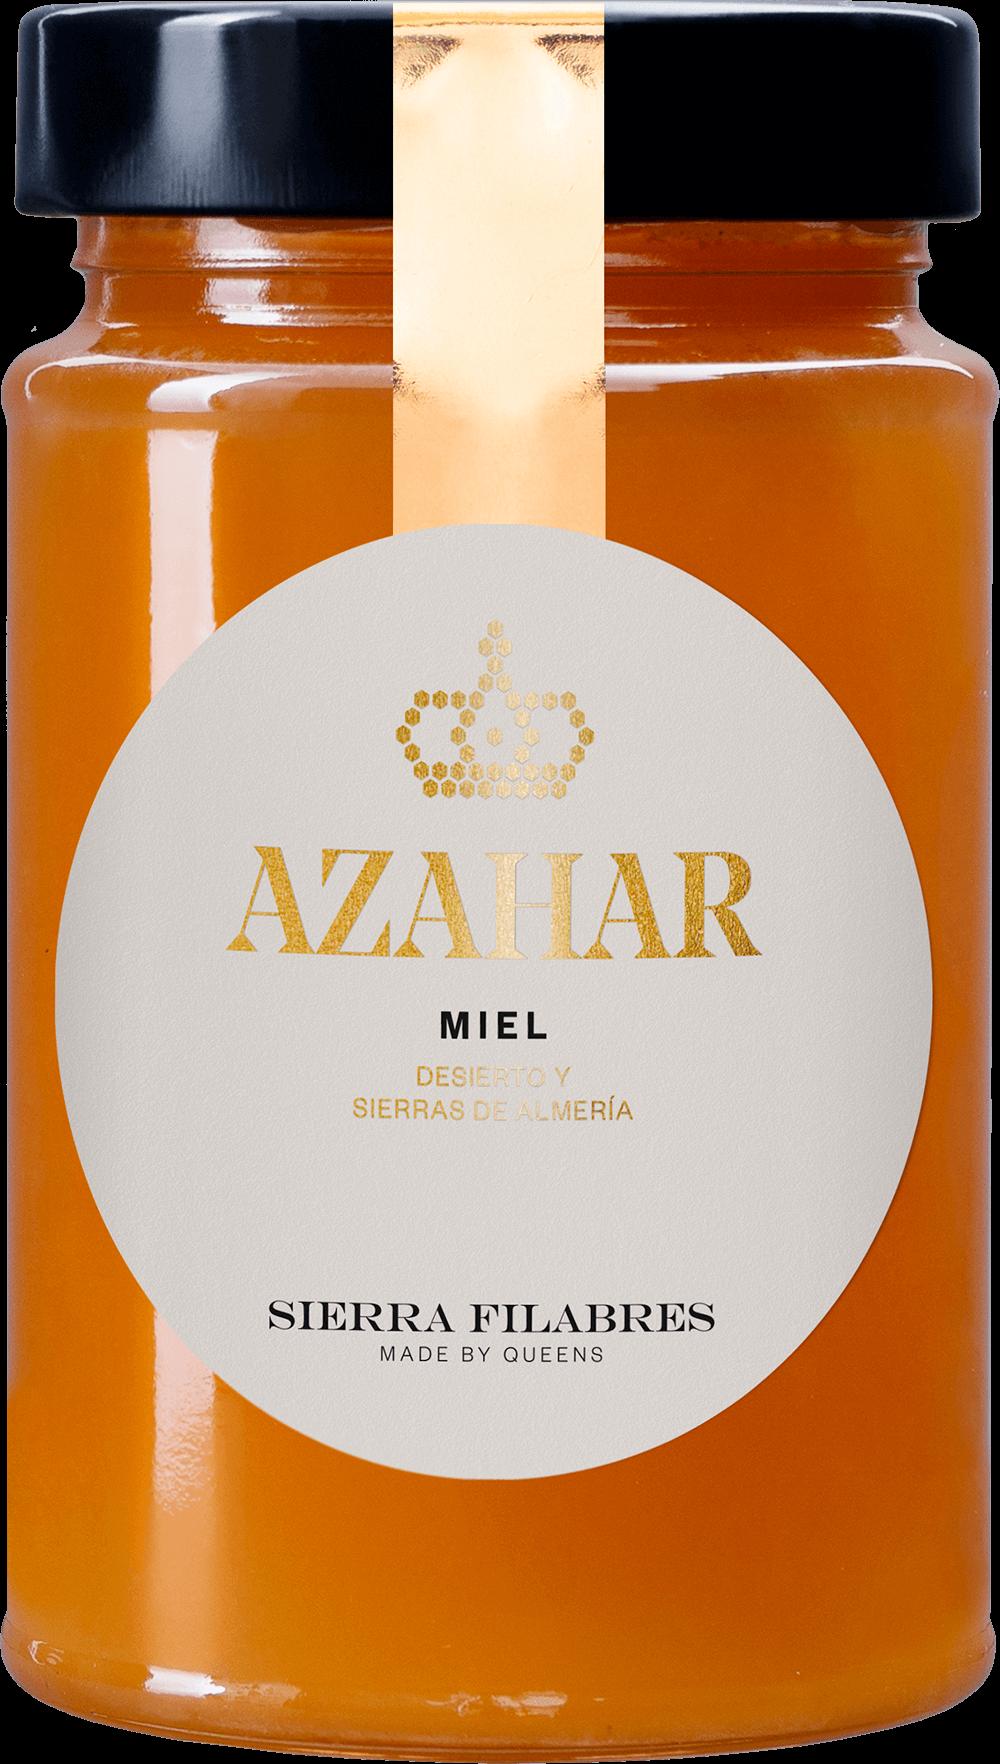 miel-clasica-azahar